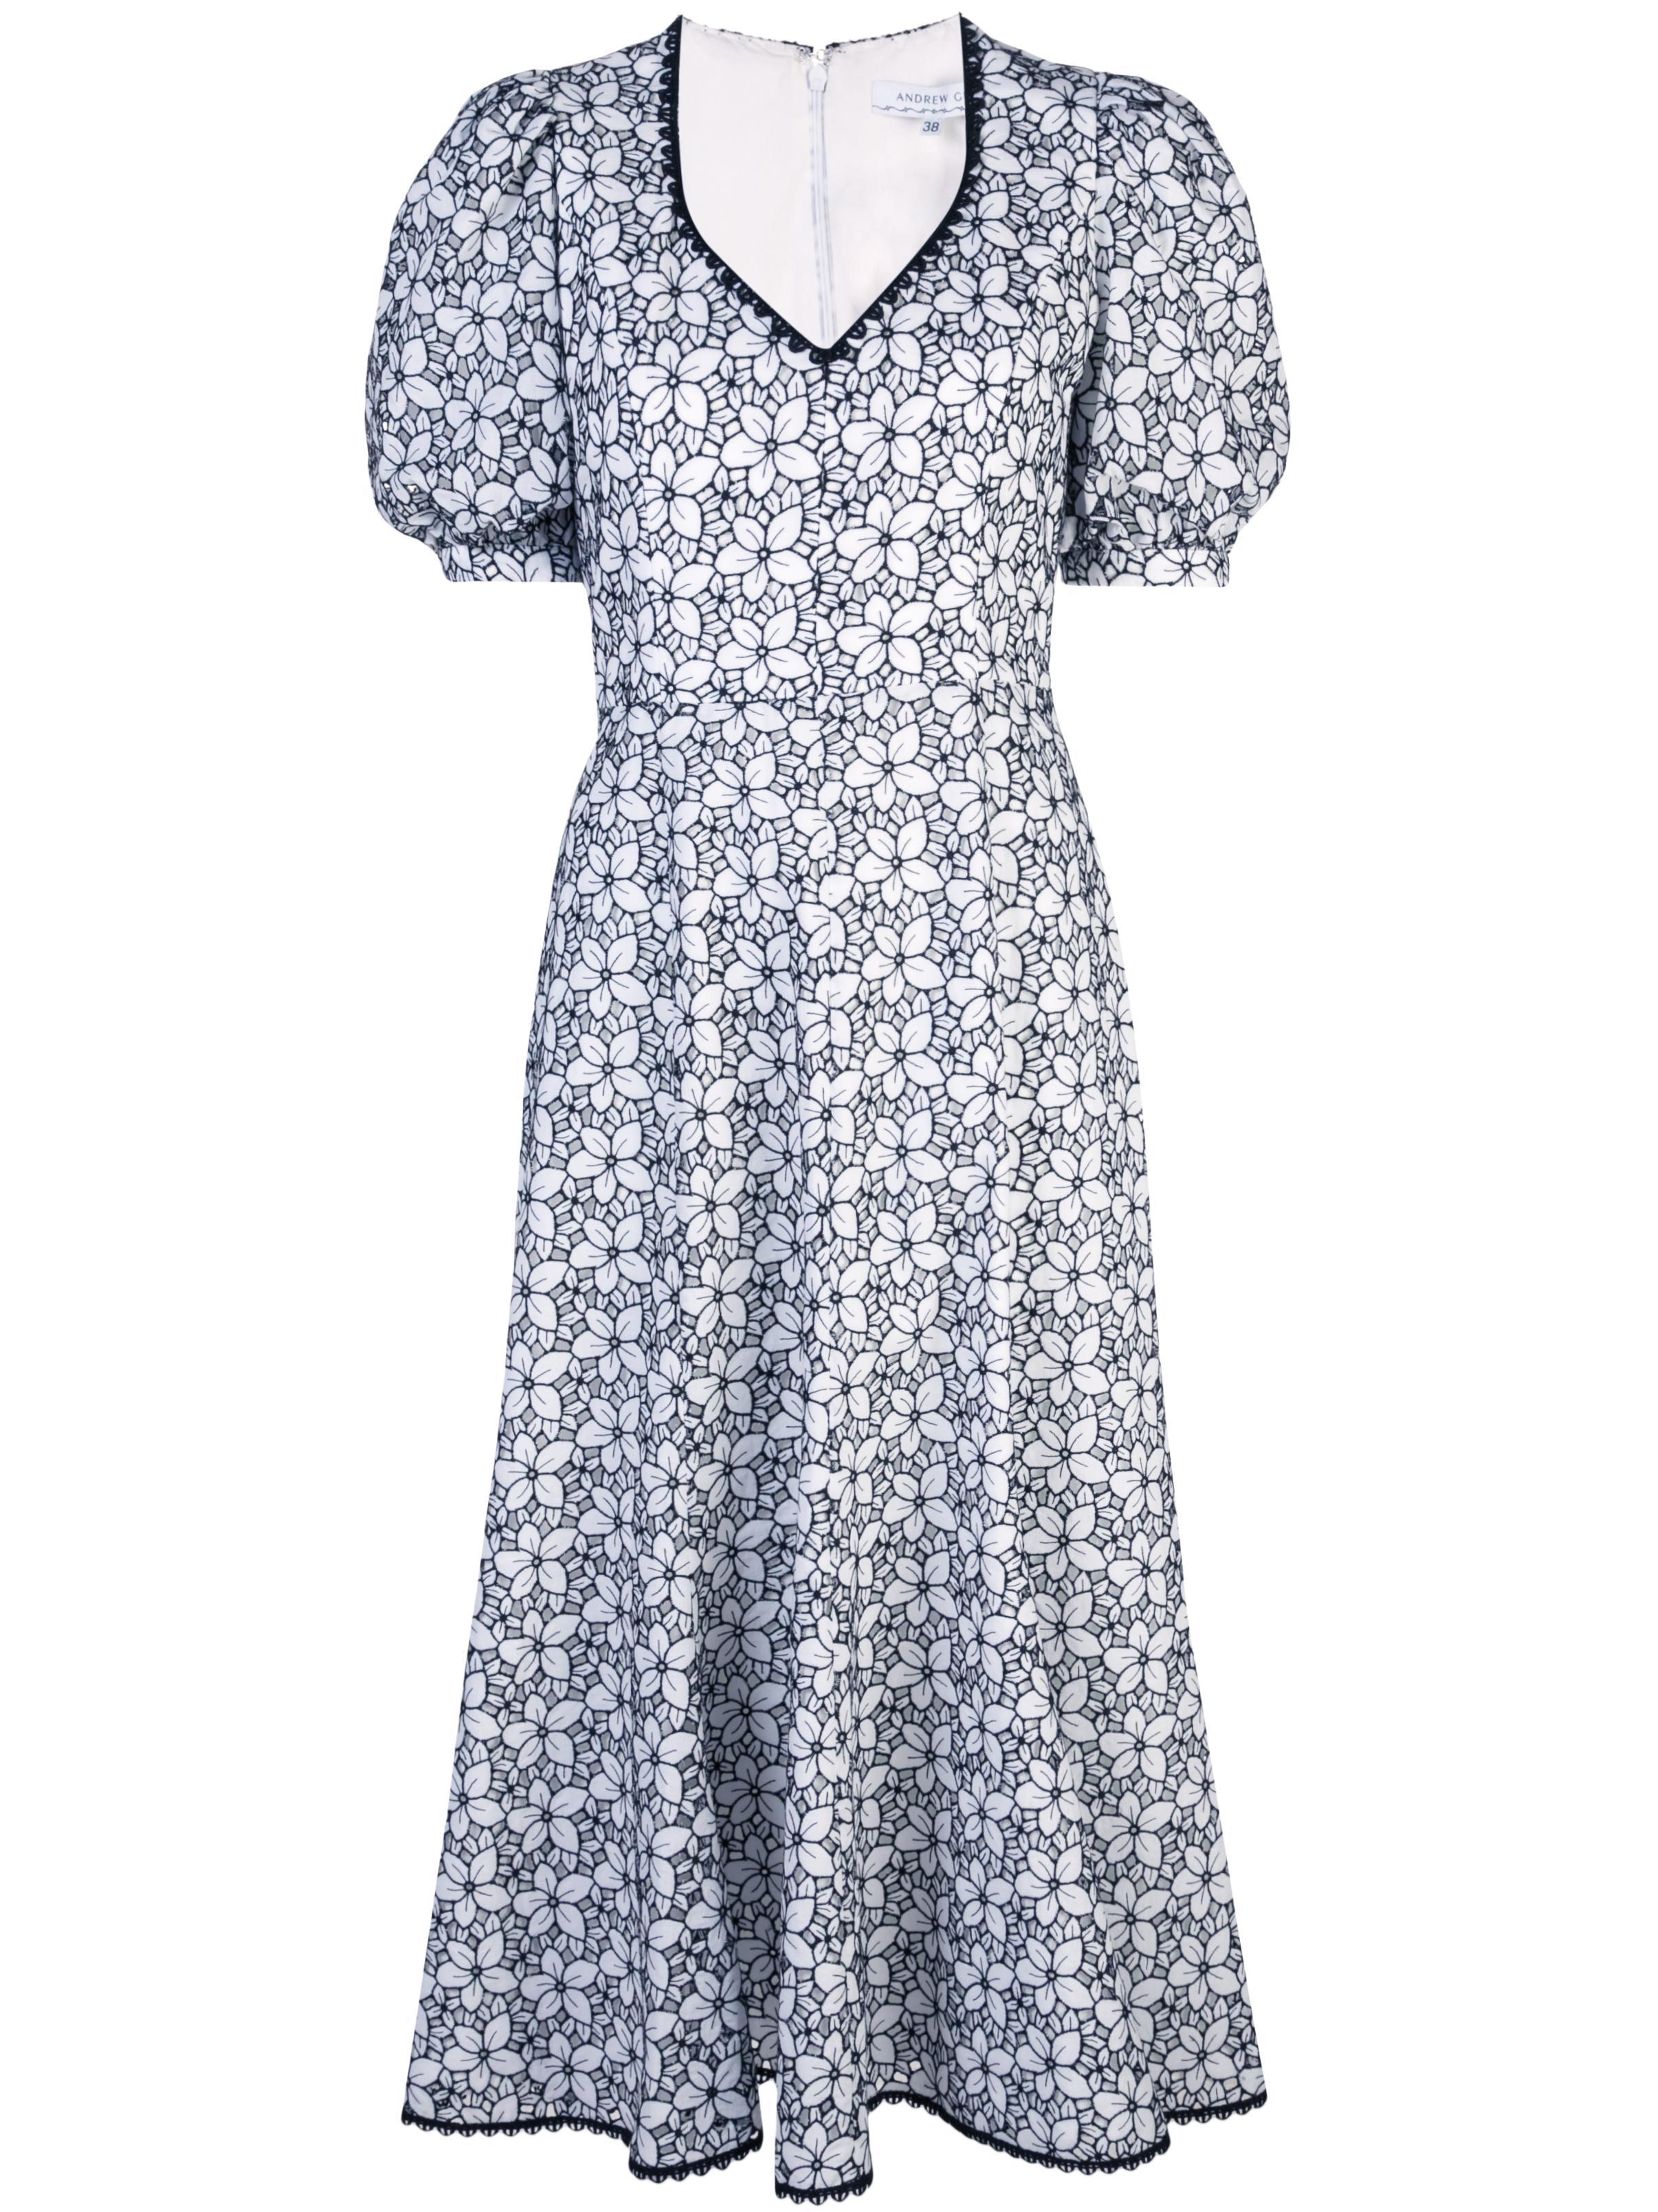 Short Puff Slv Floral V- Neck Woven Dress Item # D97XA/MAS19